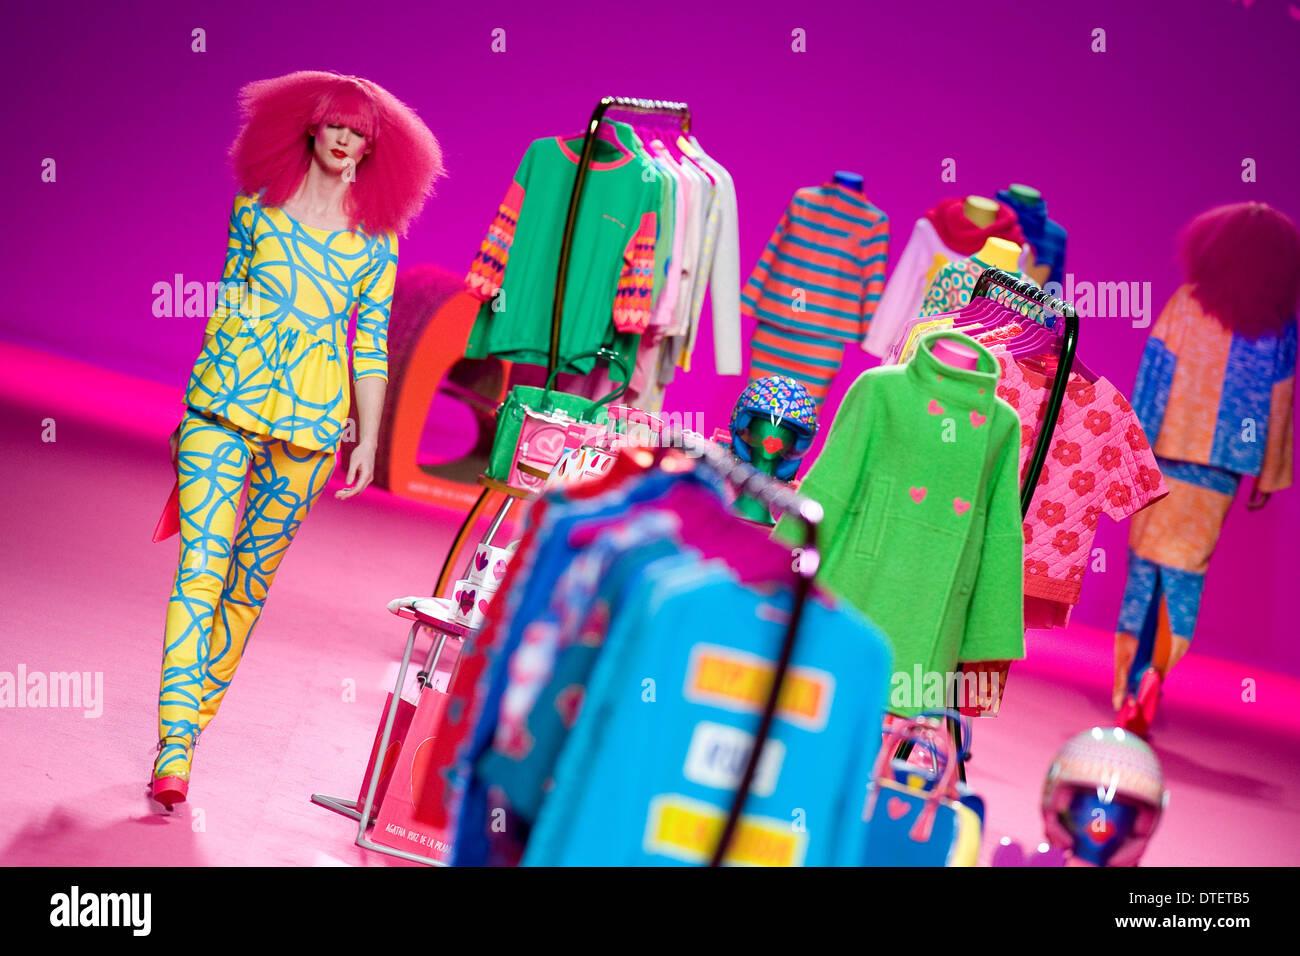 Madrid, Spanien. 16. Februar 2014. Ein Modell zeigt Designs von Agatha Ruiz De La Prada in der Show während der Mercedes Benz Fashion Week Madrid Herbst/Winter 2014 in Ifema am 16. Februar 2014 in Madrid, Spanien. Bildnachweis: Oscar Gonzalez/NurPhoto/ZUMAPRESS.com/Alamy Live-Nachrichten Stockbild